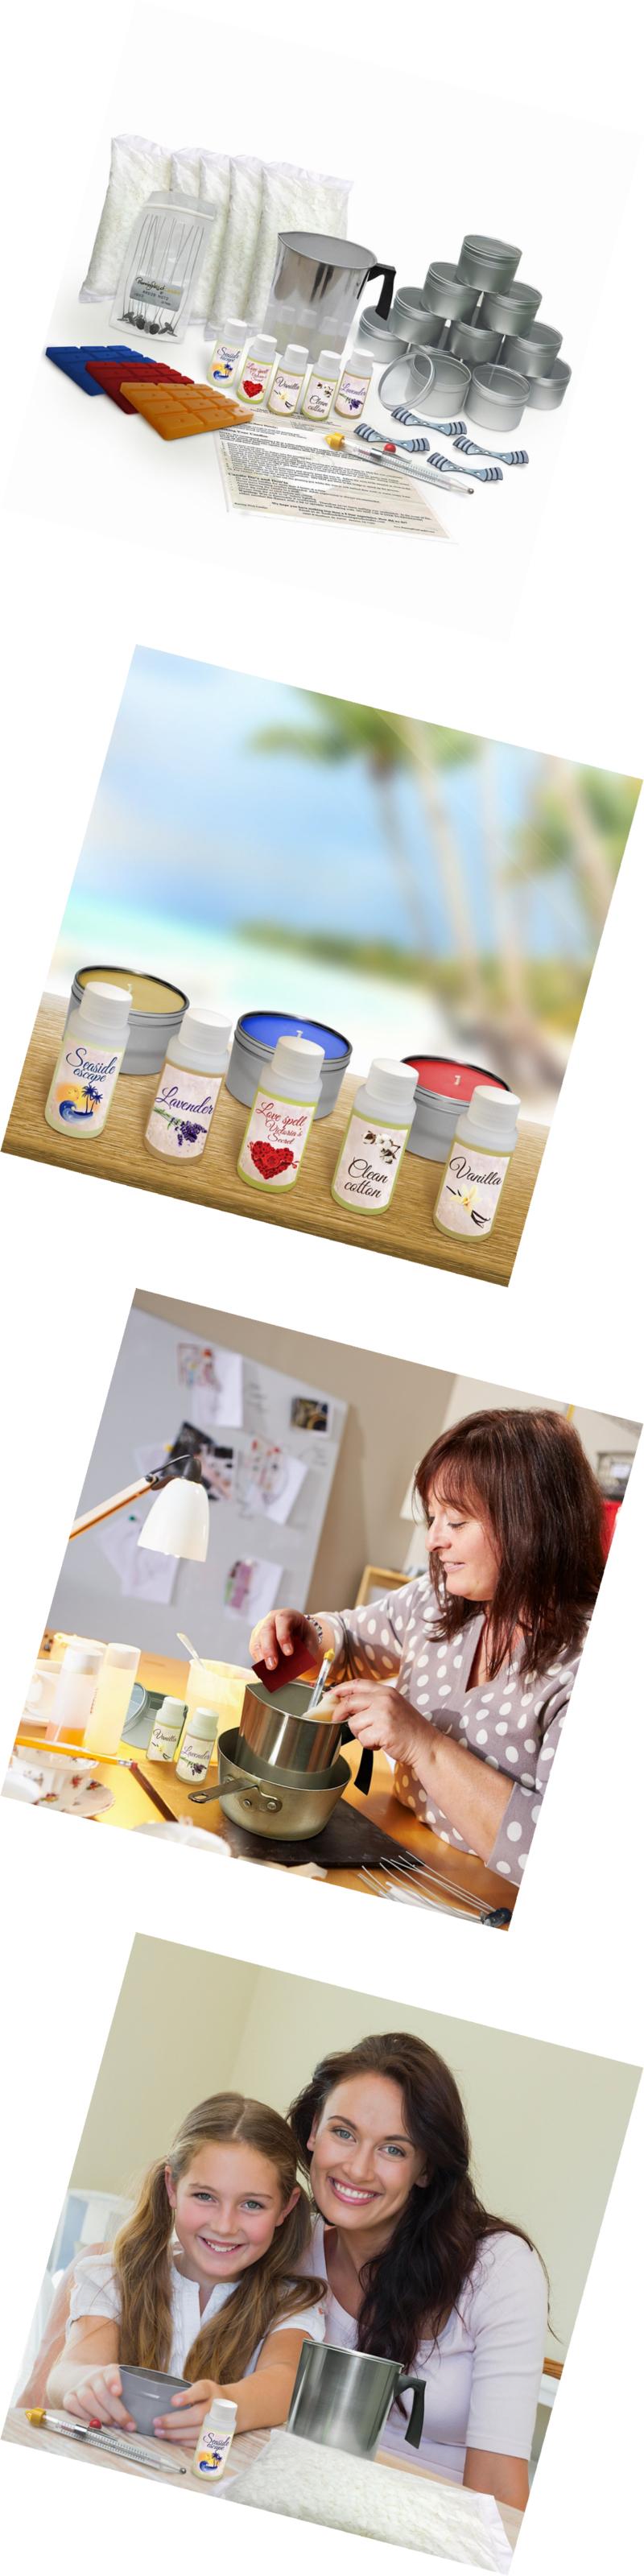 Candle And Soapmaking Kits 41205 Burning